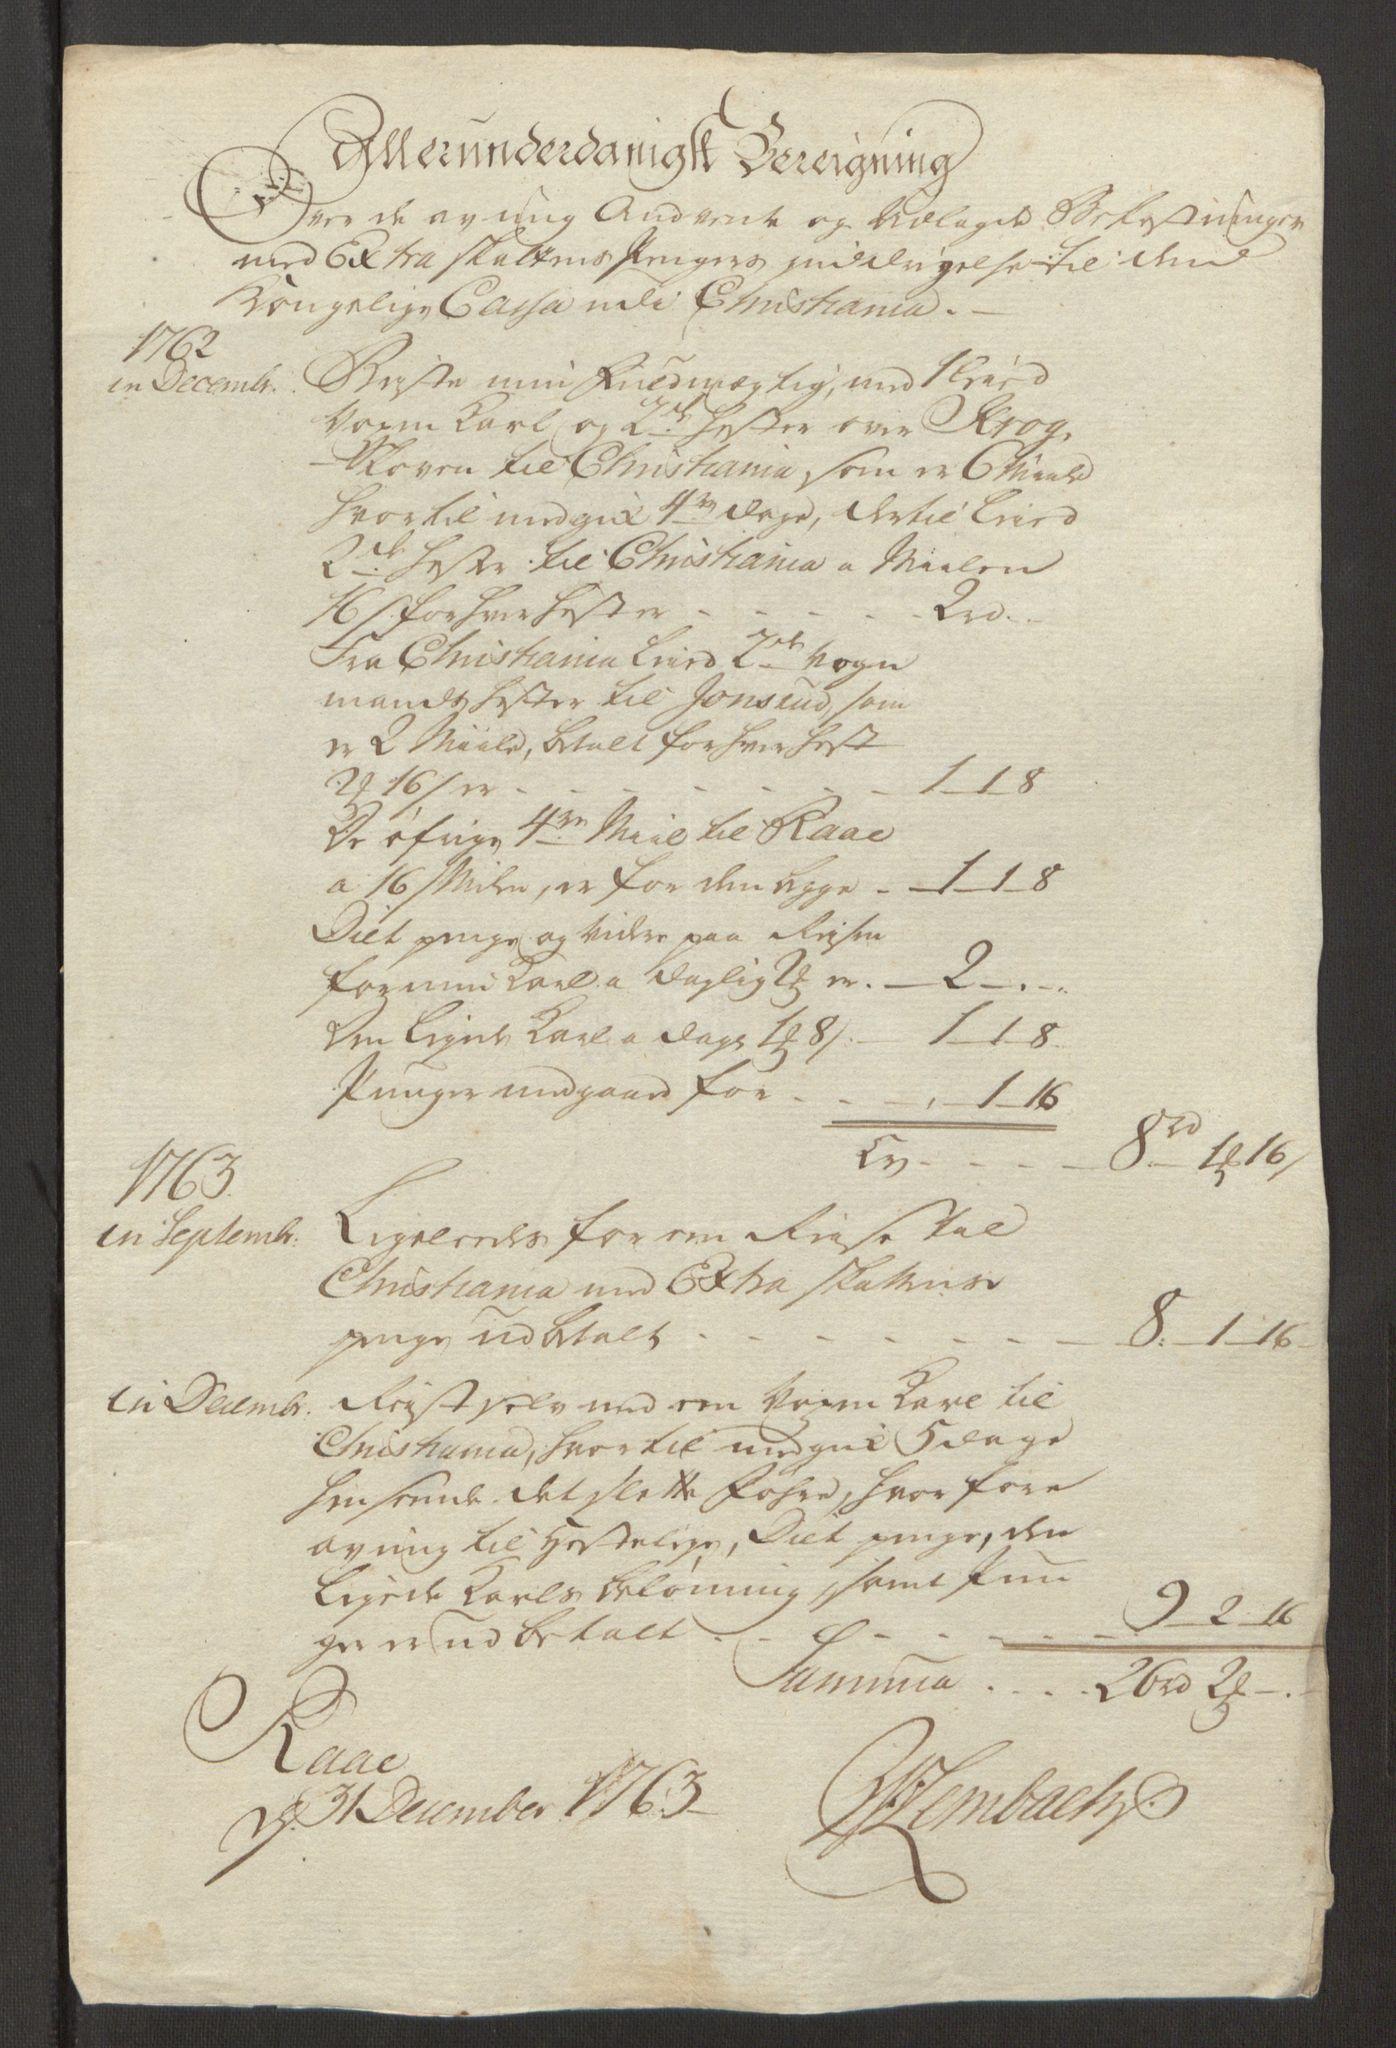 RA, Rentekammeret inntil 1814, Reviderte regnskaper, Fogderegnskap, R23/L1565: Ekstraskatten Ringerike og Hallingdal, 1762-1763, s. 565